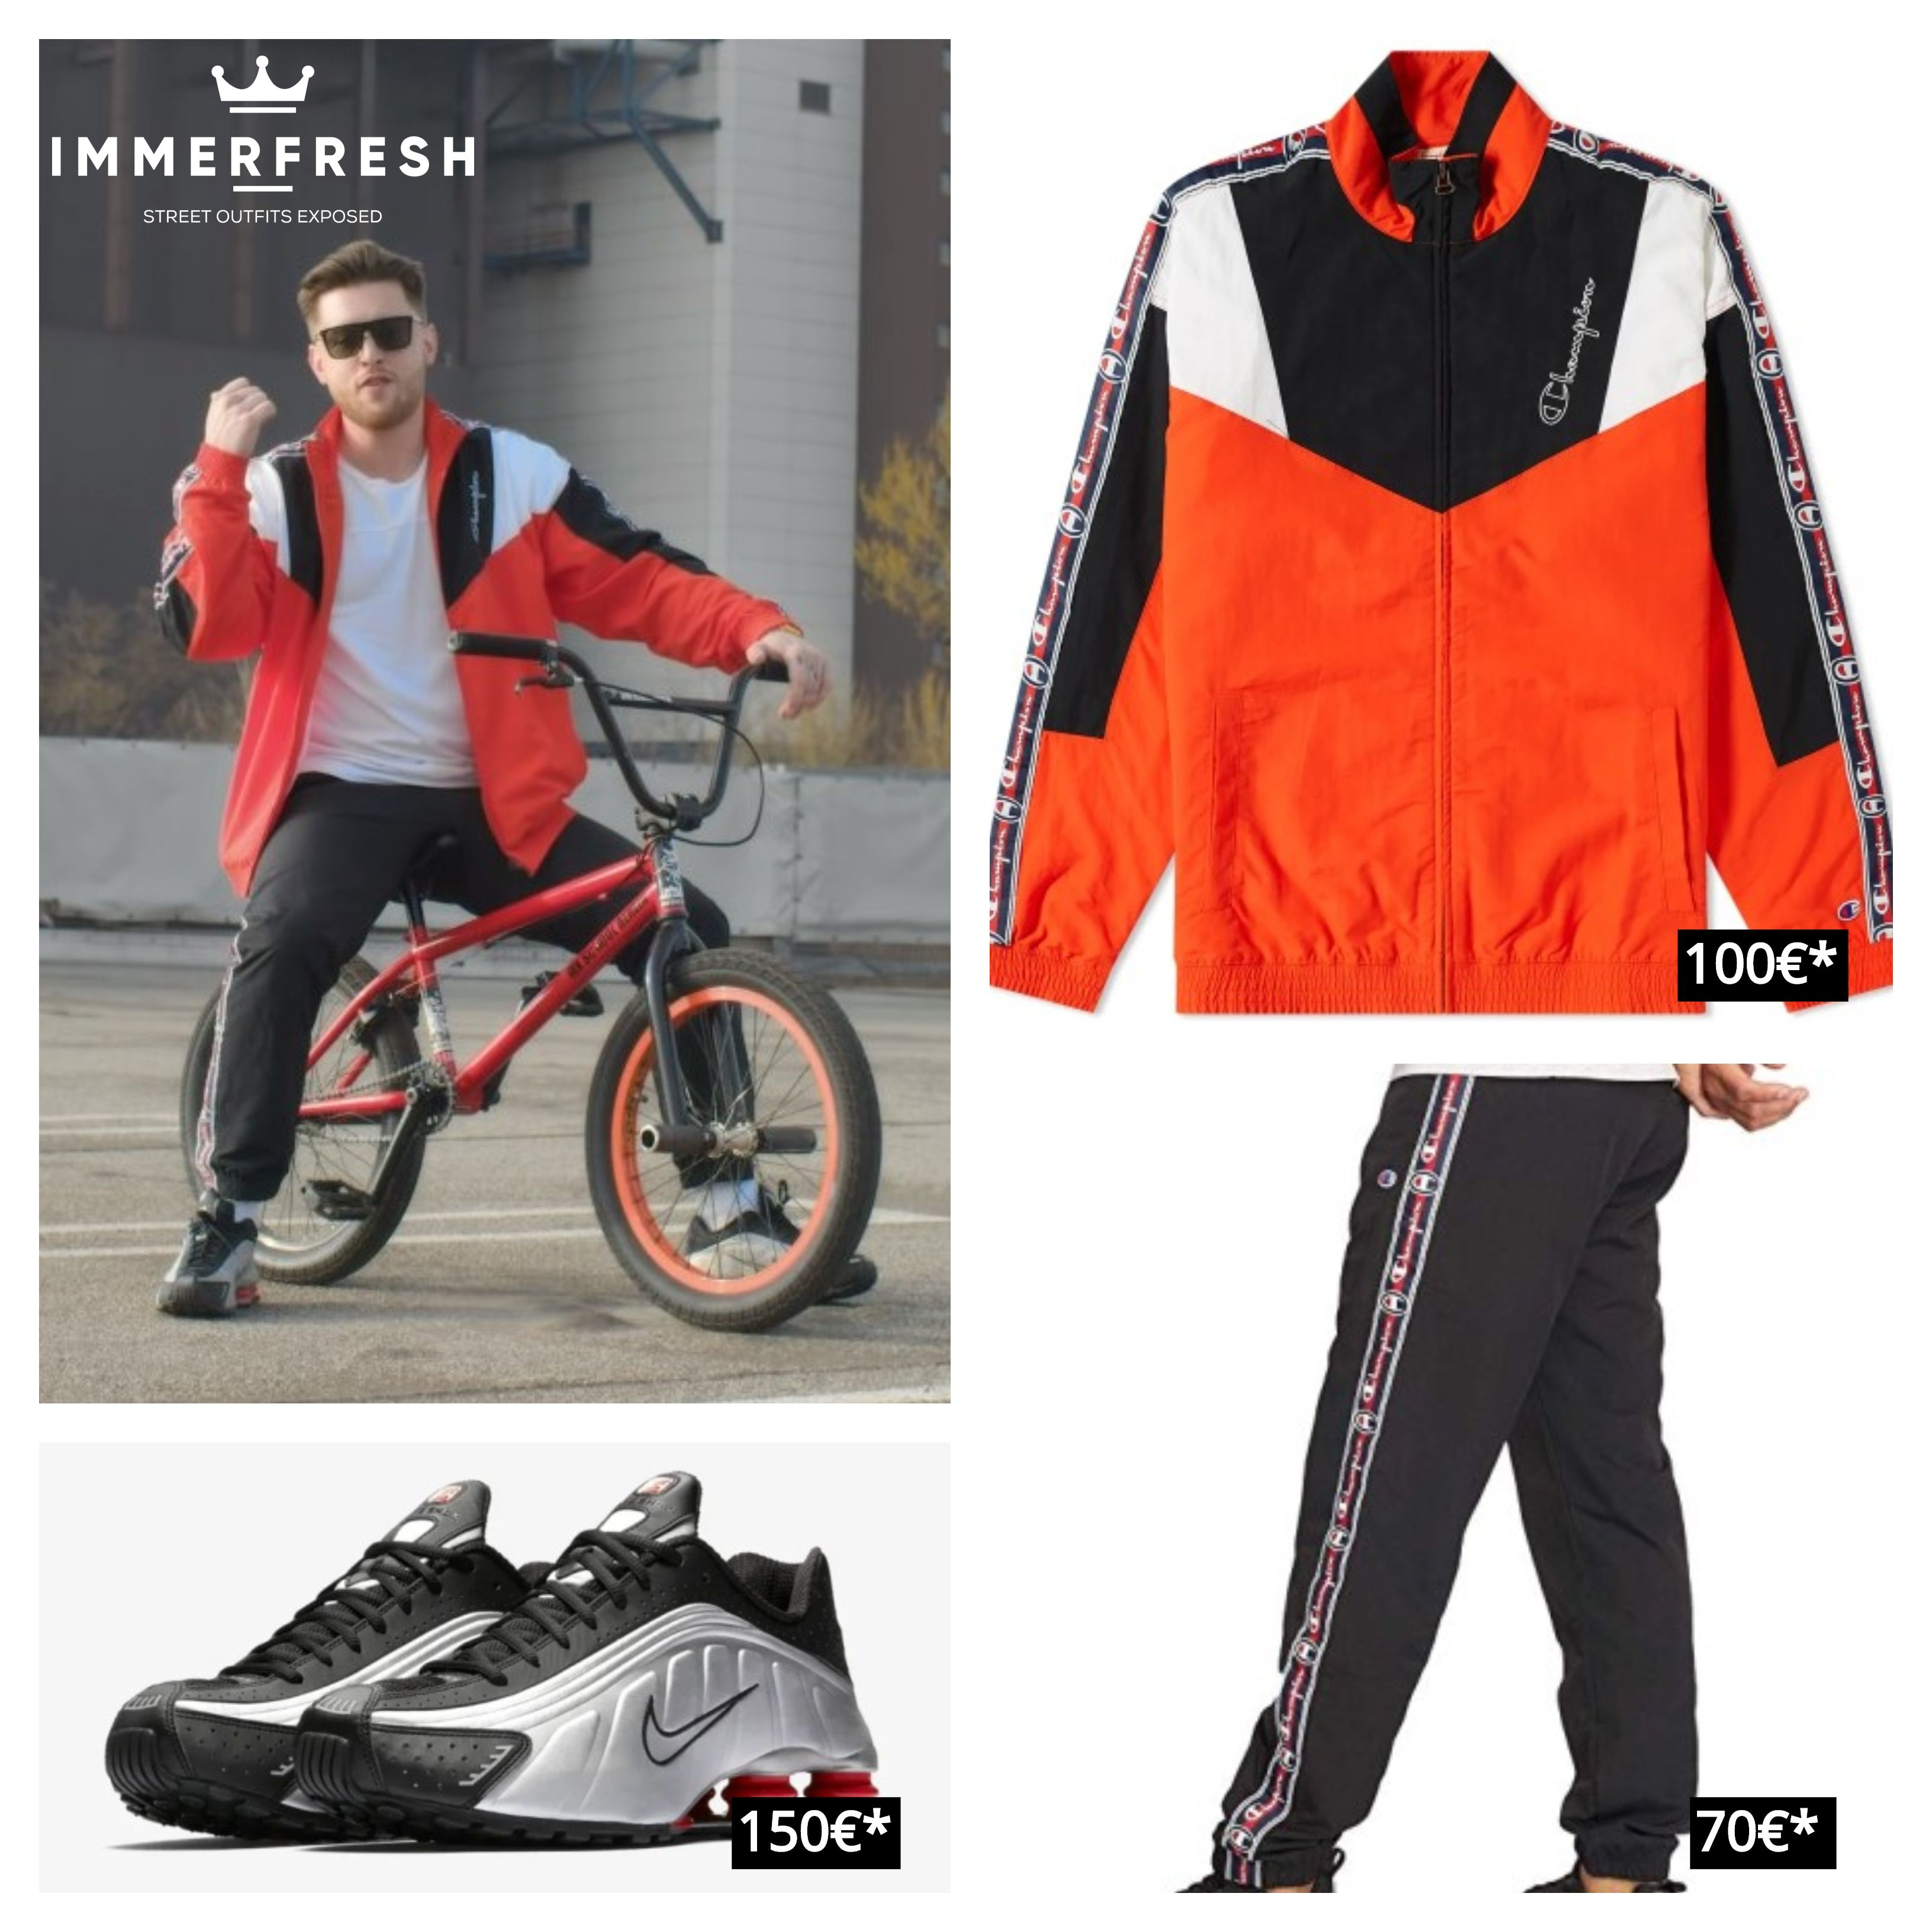 Street Outfits Exposed | Trainingsanzug, Straßenoutfit und